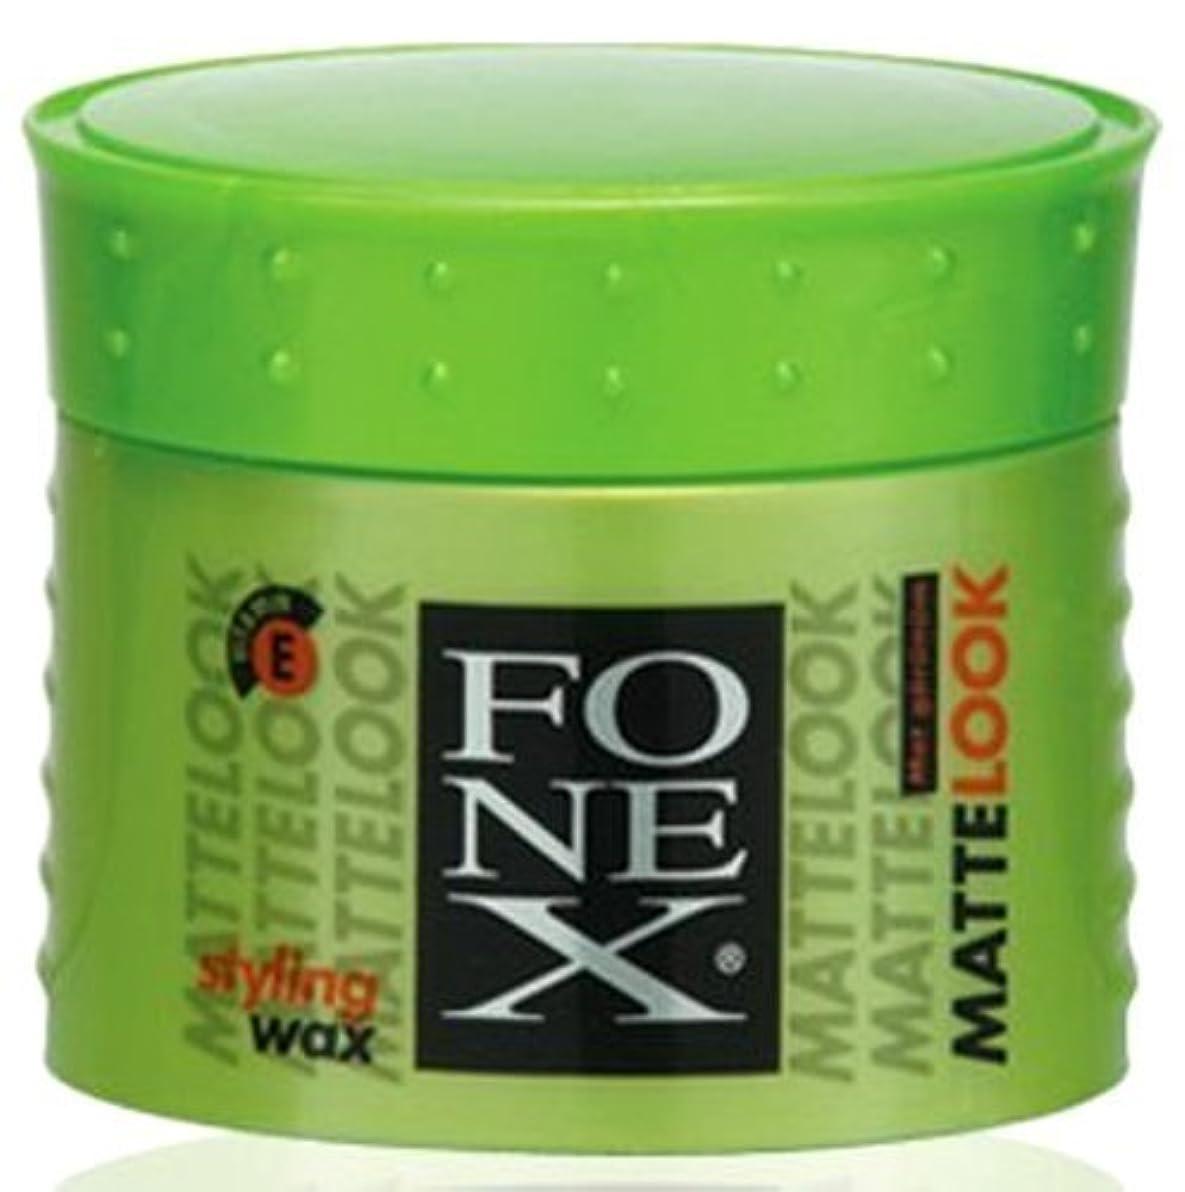 コジオスコシャッターモートFONEX MATTE LOOK HAIR STYLING WAX 100ML by FONEX [並行輸入品]